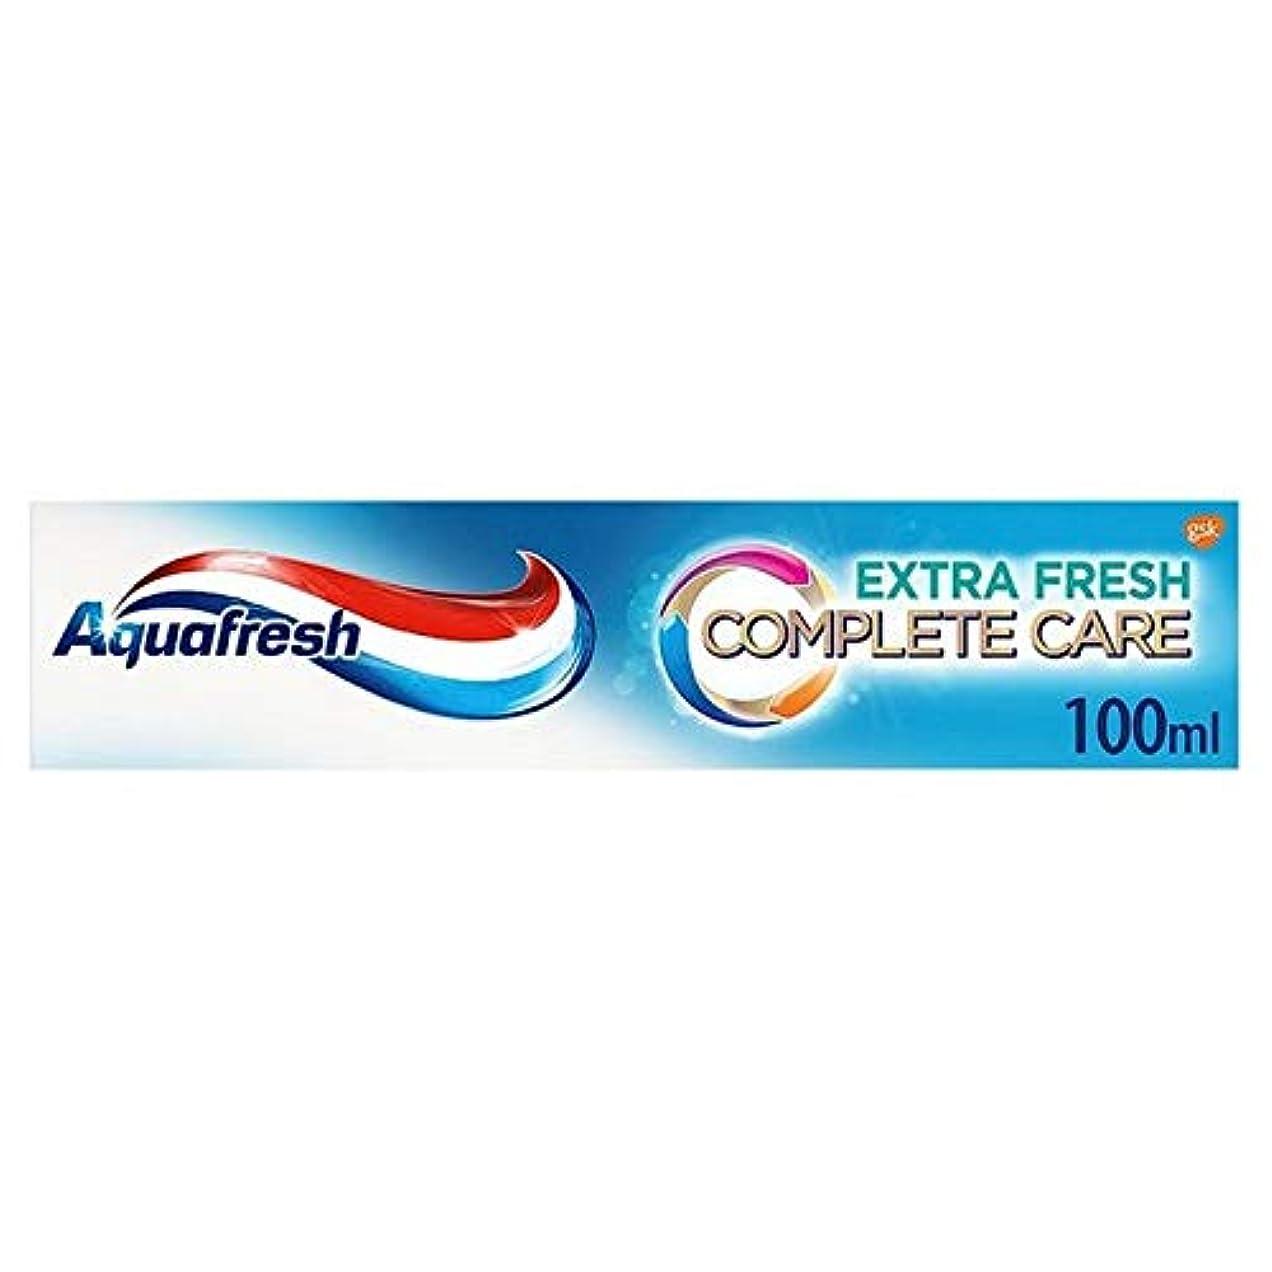 ヘリコプタースプレー落胆させる[Aquafresh ] アクアフレッシュ完全なケアの余分な新鮮な歯磨き粉の100ミリリットル - Aquafresh Complete Care Extra Fresh Toothpaste 100ml [並行輸入品]